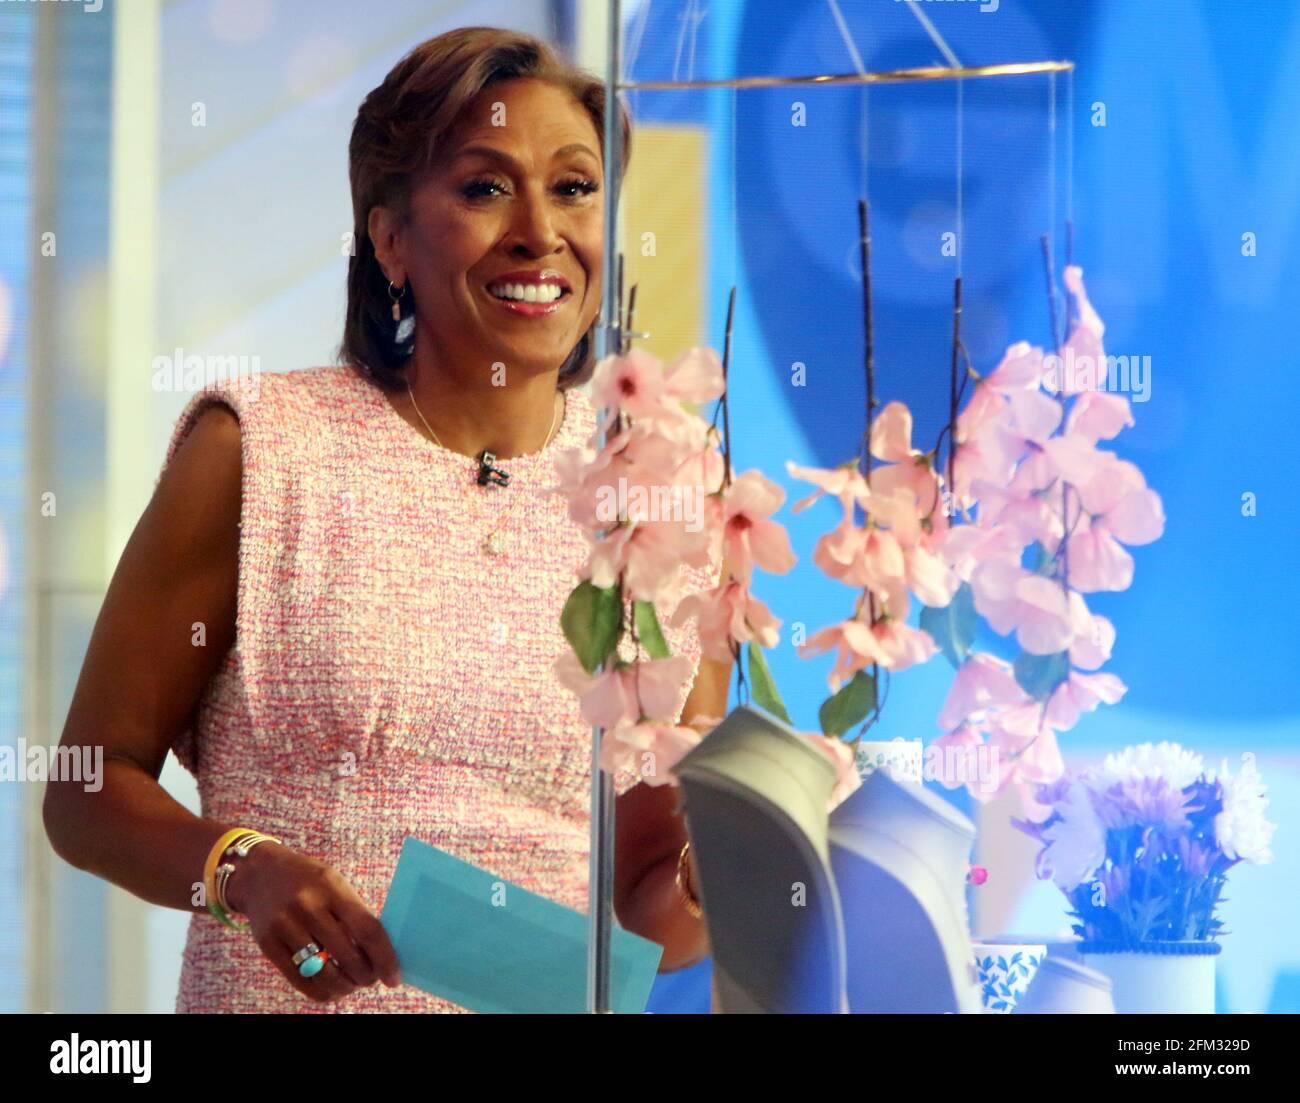 New York, NY, États-Unis. 5 mai 2021. Robin Roberts sur le set de Good Morning America à New York le 05 mai 2021. Crédit : RW/Media Punch/Alamy Live News Banque D'Images